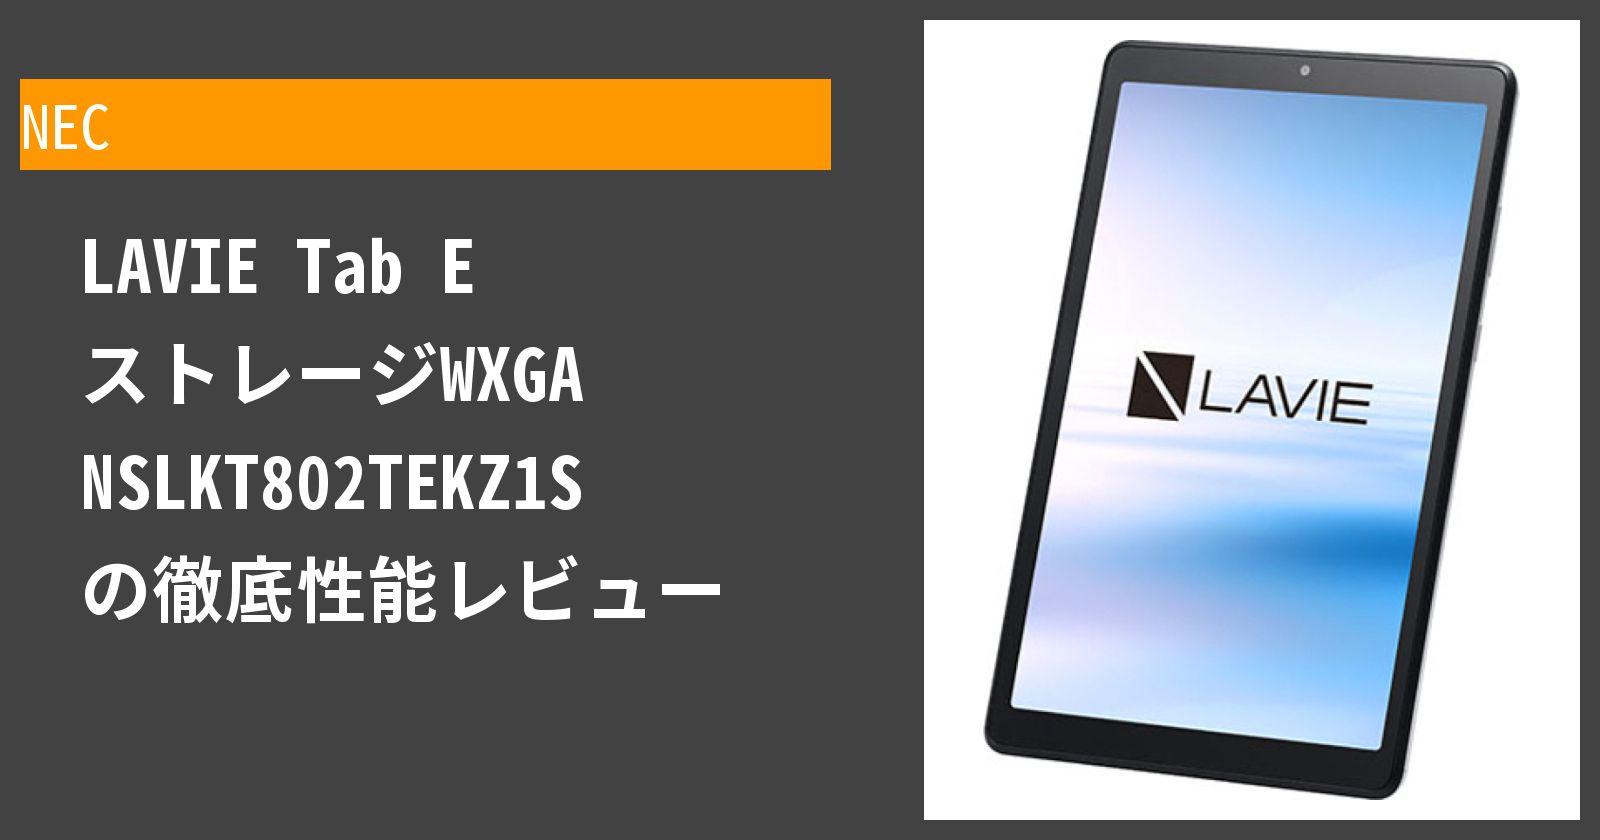 LAVIE Tab E ストレージWXGA NSLKT802TEKZ1S の徹底性能レビュー